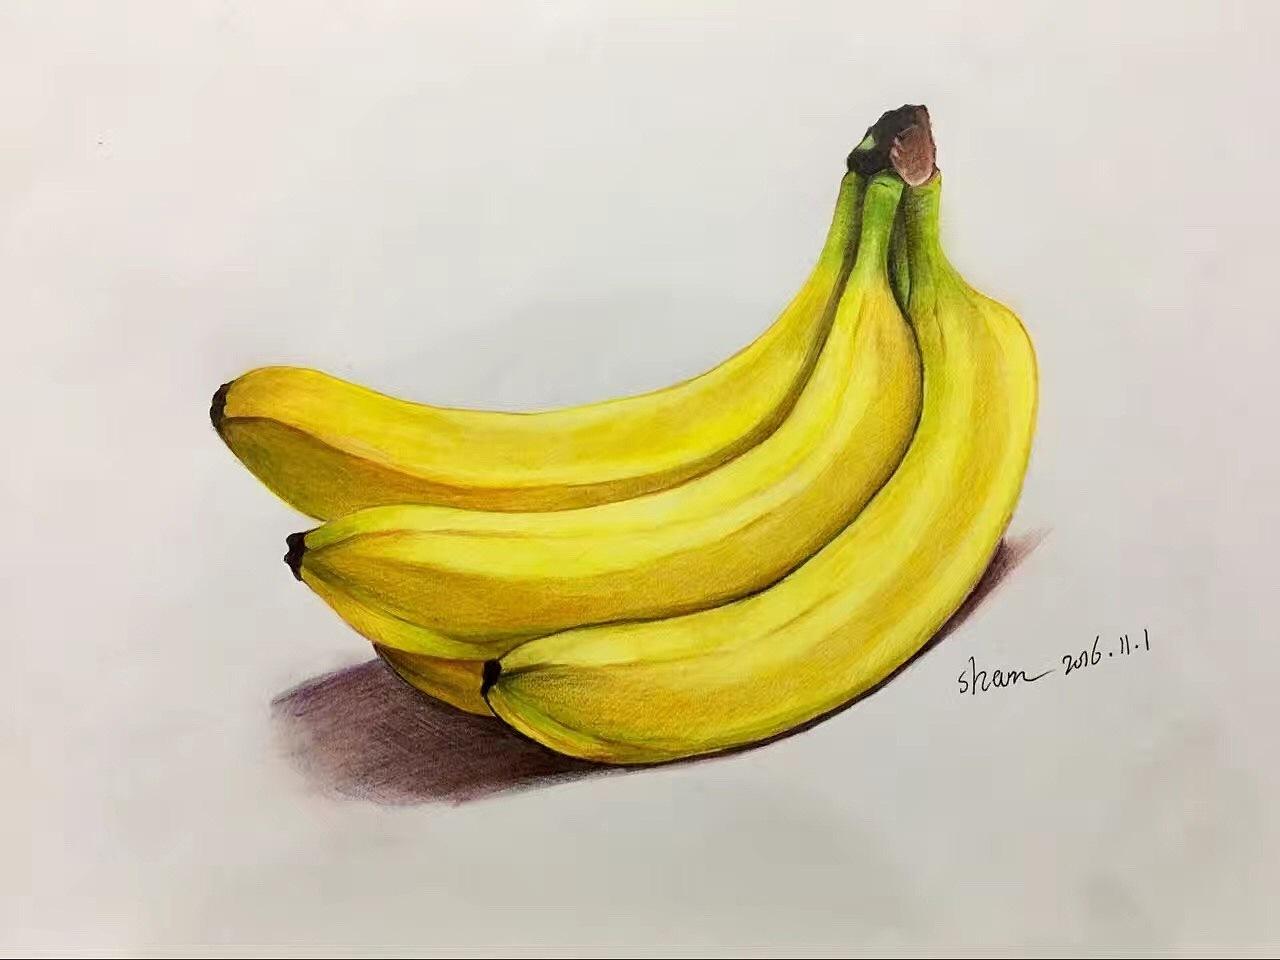 香蕉|手工艺|工艺品设计|猪头shan - 原创作品 - 站酷